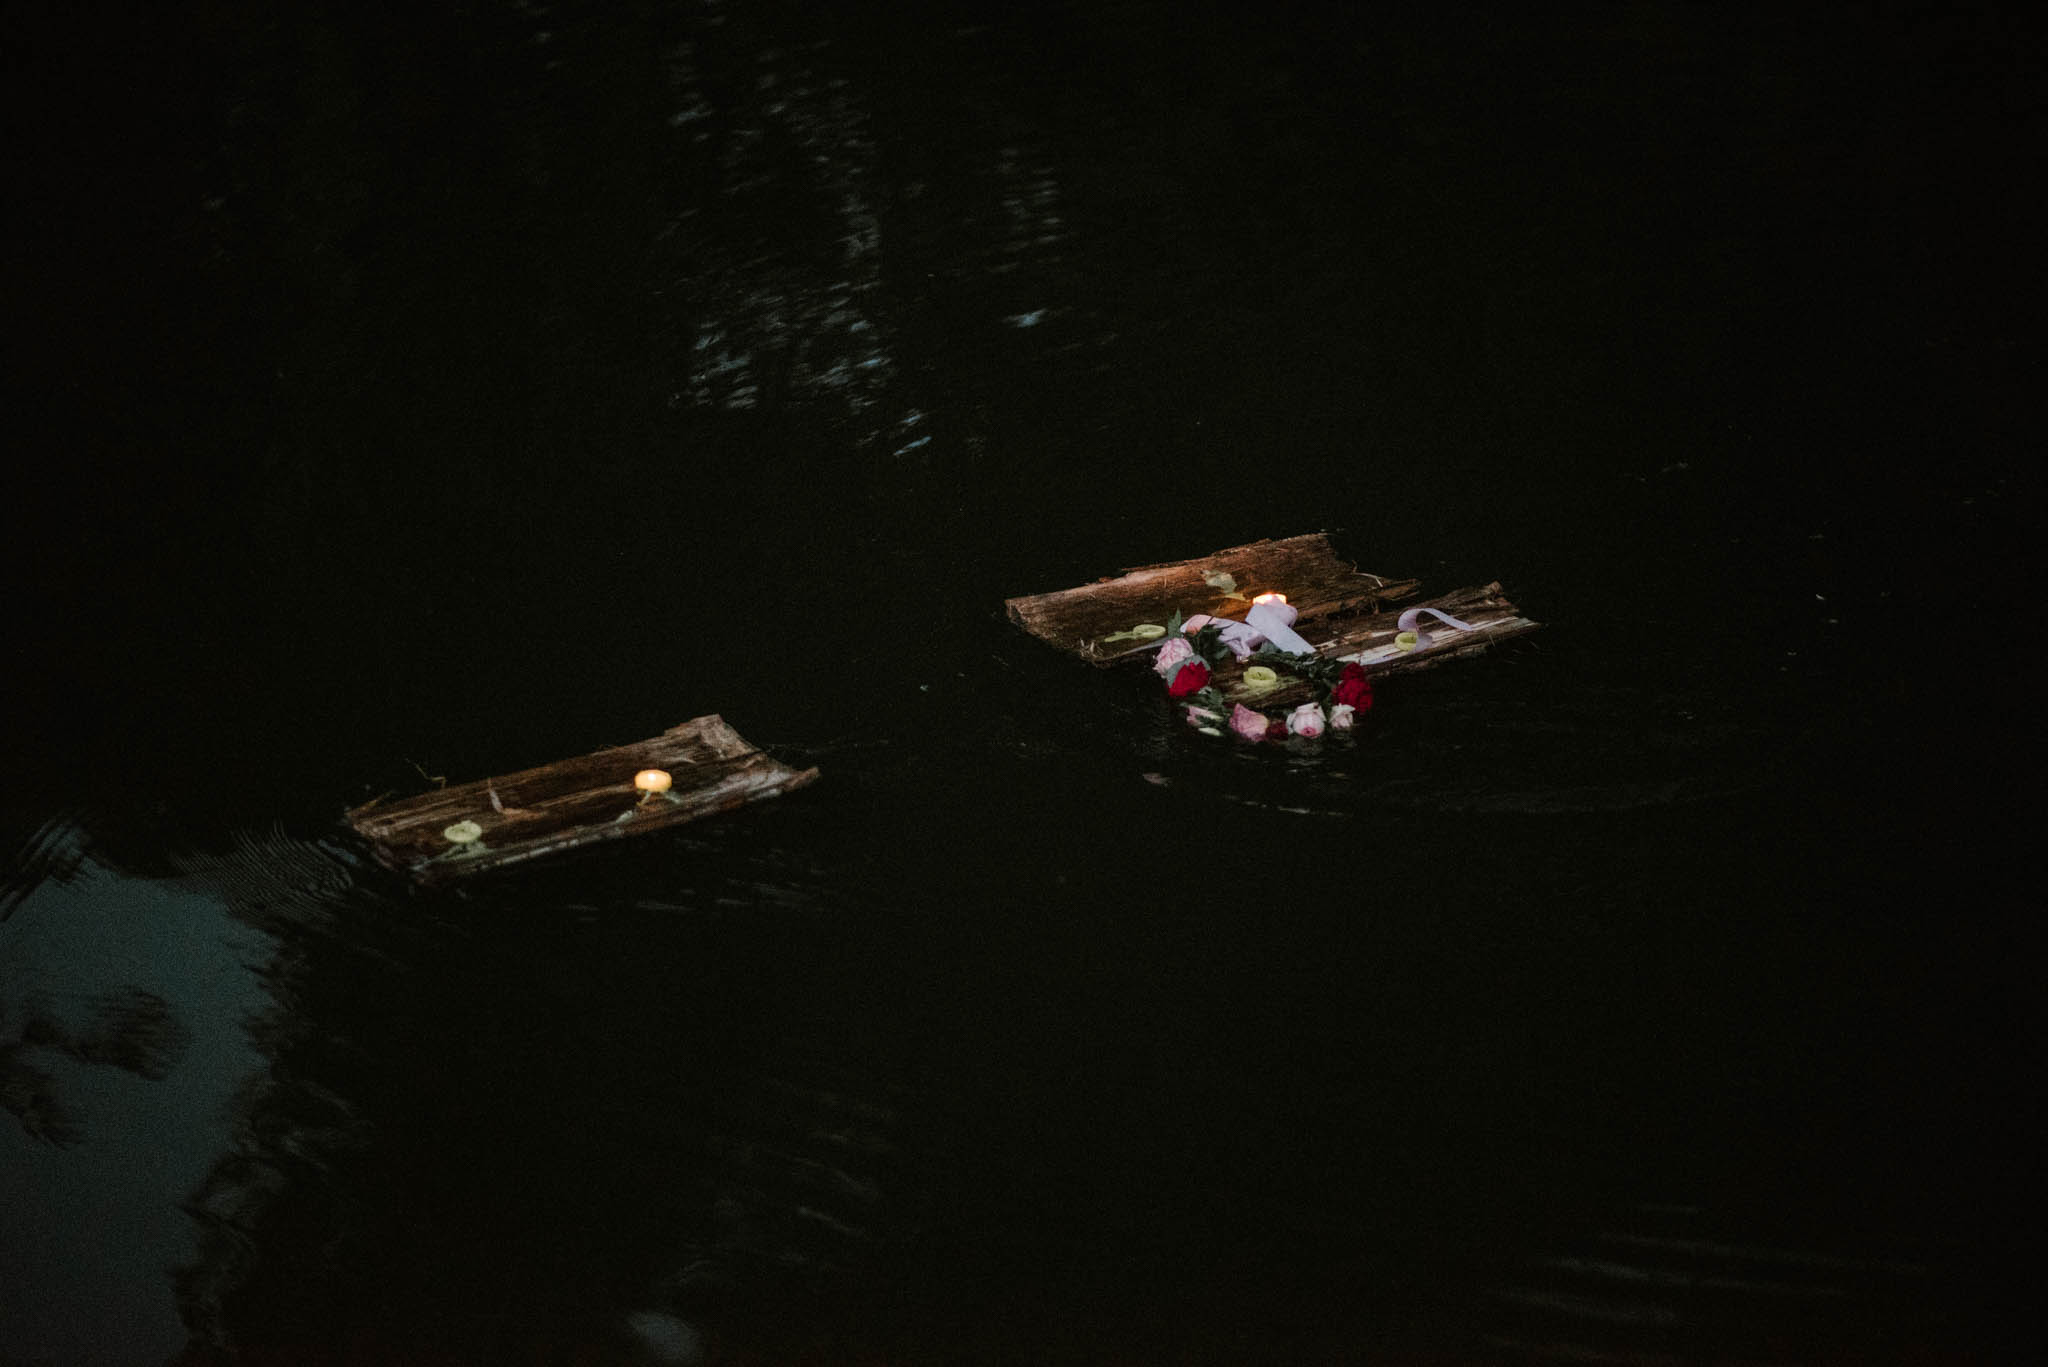 Łódeczki ze świecami płyną po wodzie - sesja ślubna na Wyspie Św. Edwarda Zaniemyśl